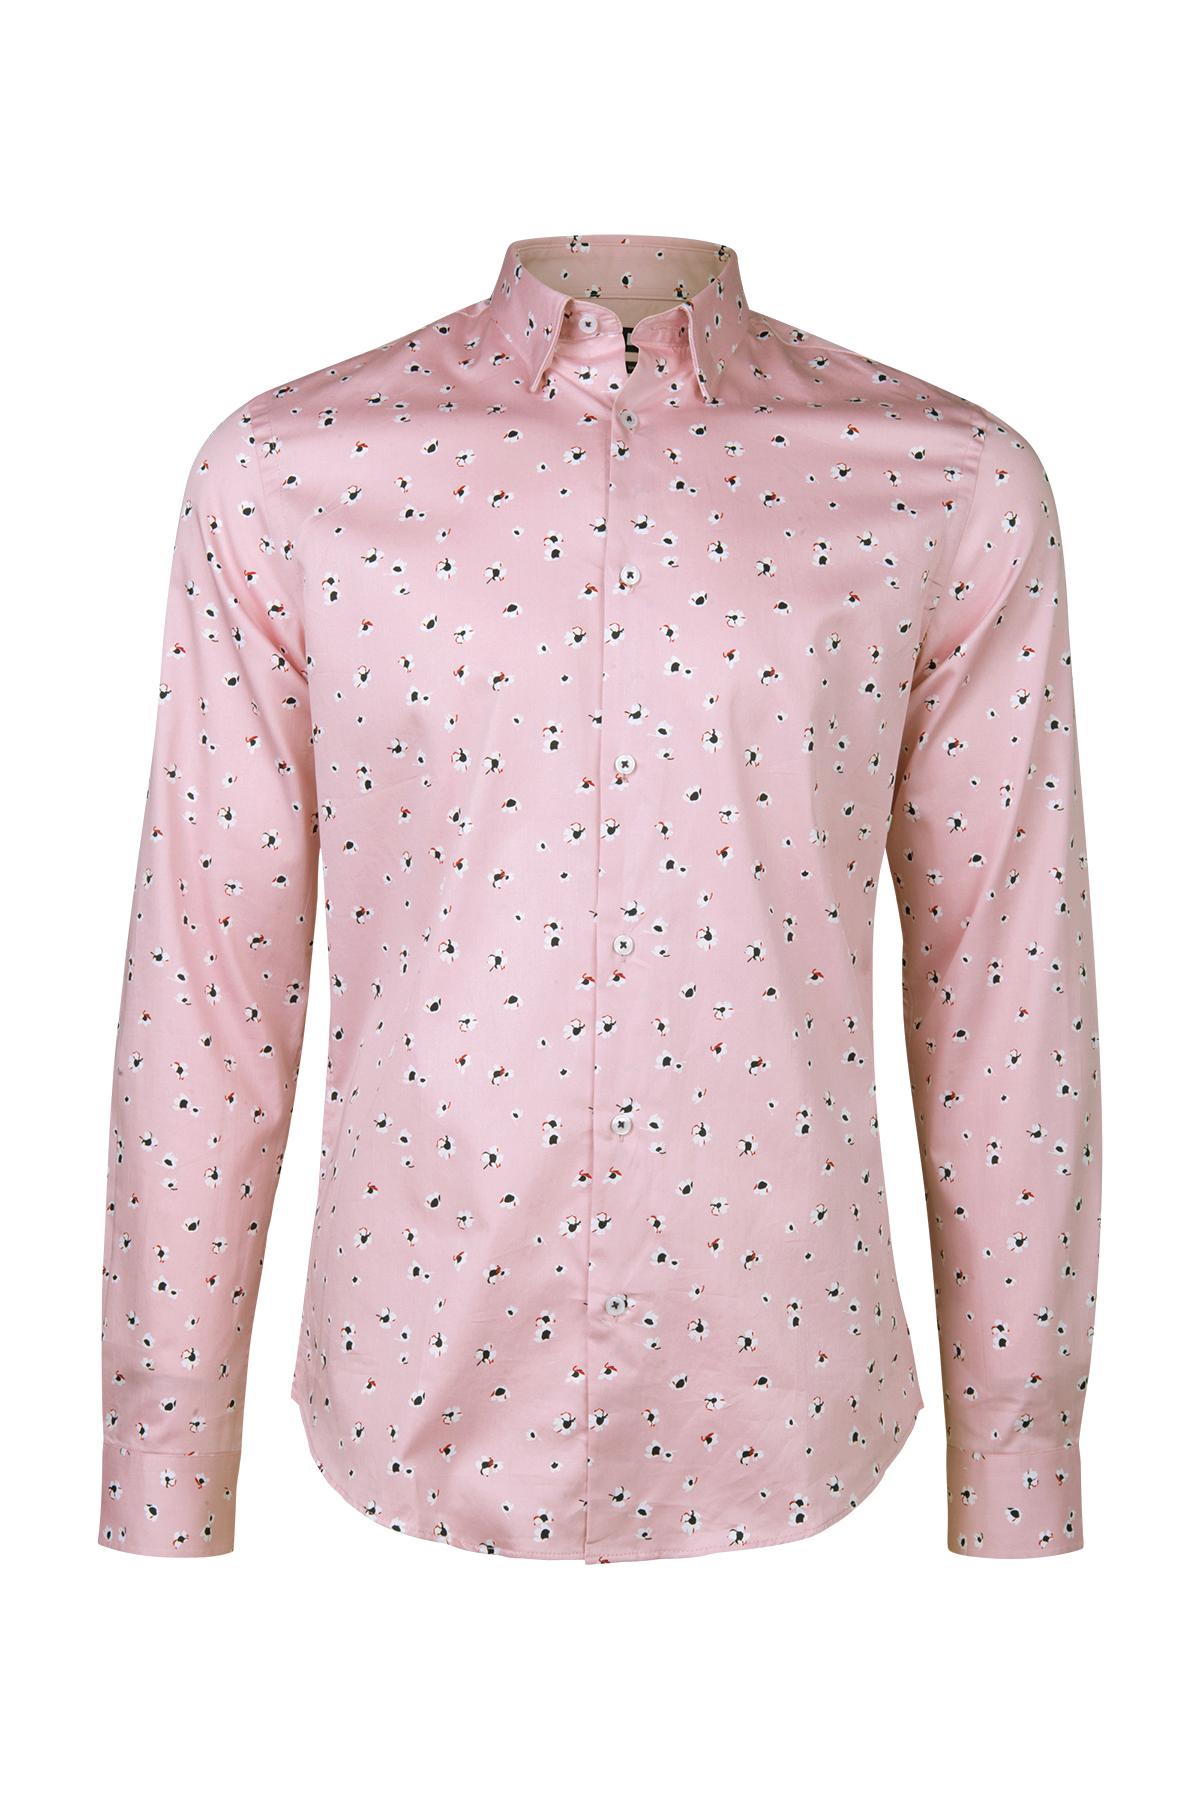 486524c9008 Chemise slim fit à motif fleurs homme Rose clair